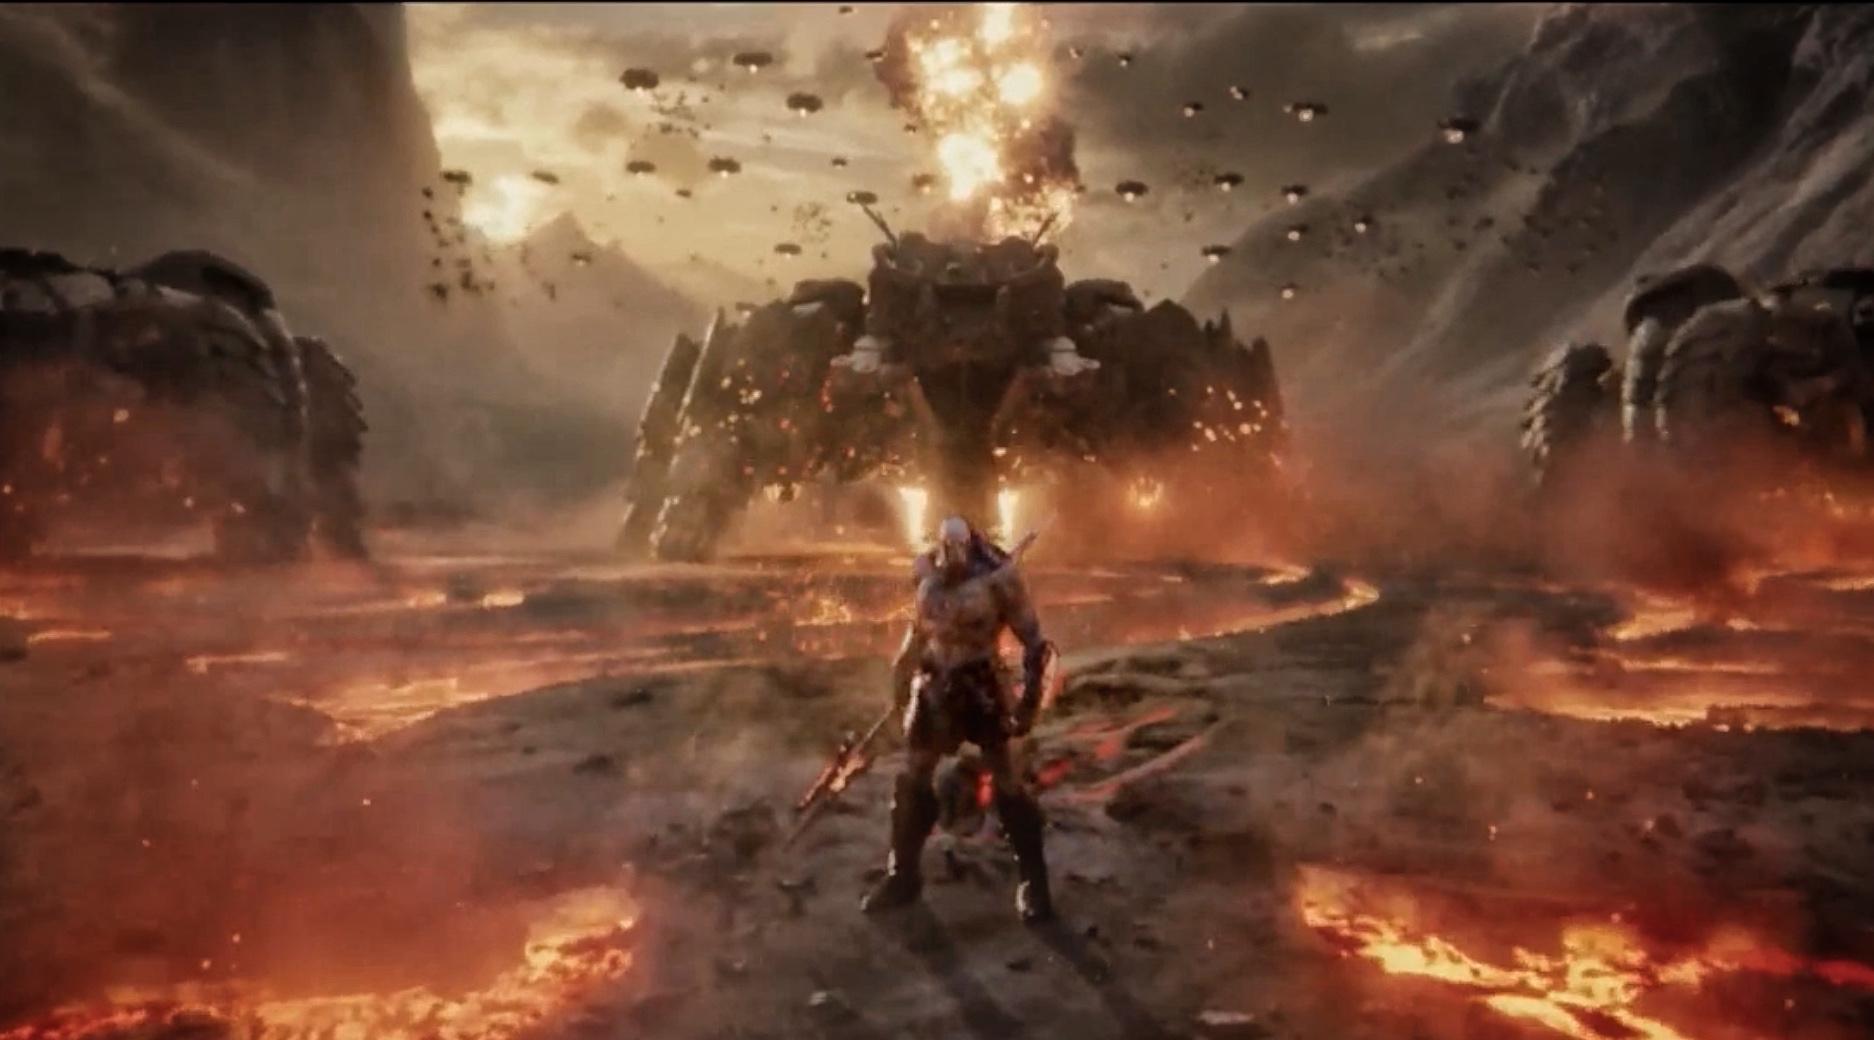 Darkseid en Zack Snyder's JUSTICE LEAGUE